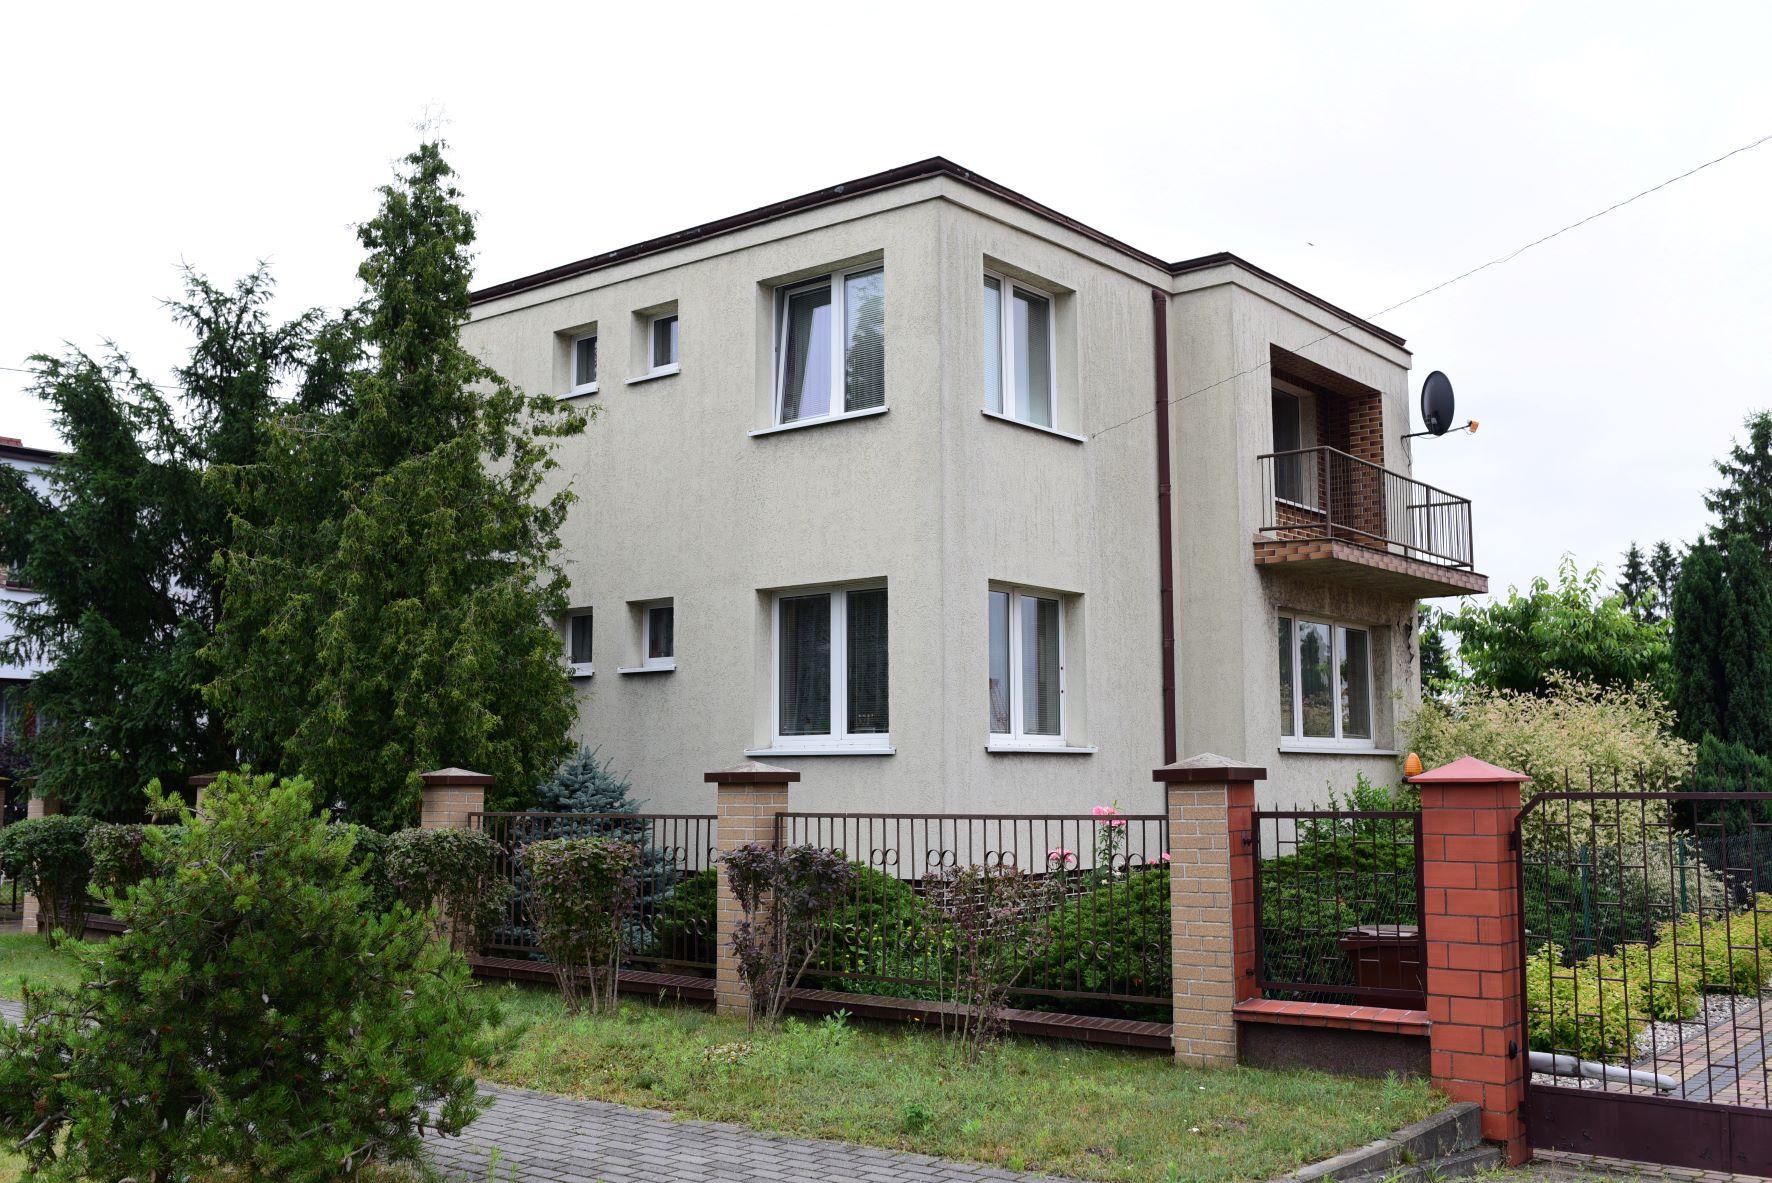 REZERWACJA Dom wraz z budynkiem gospodarczym w Świeciu